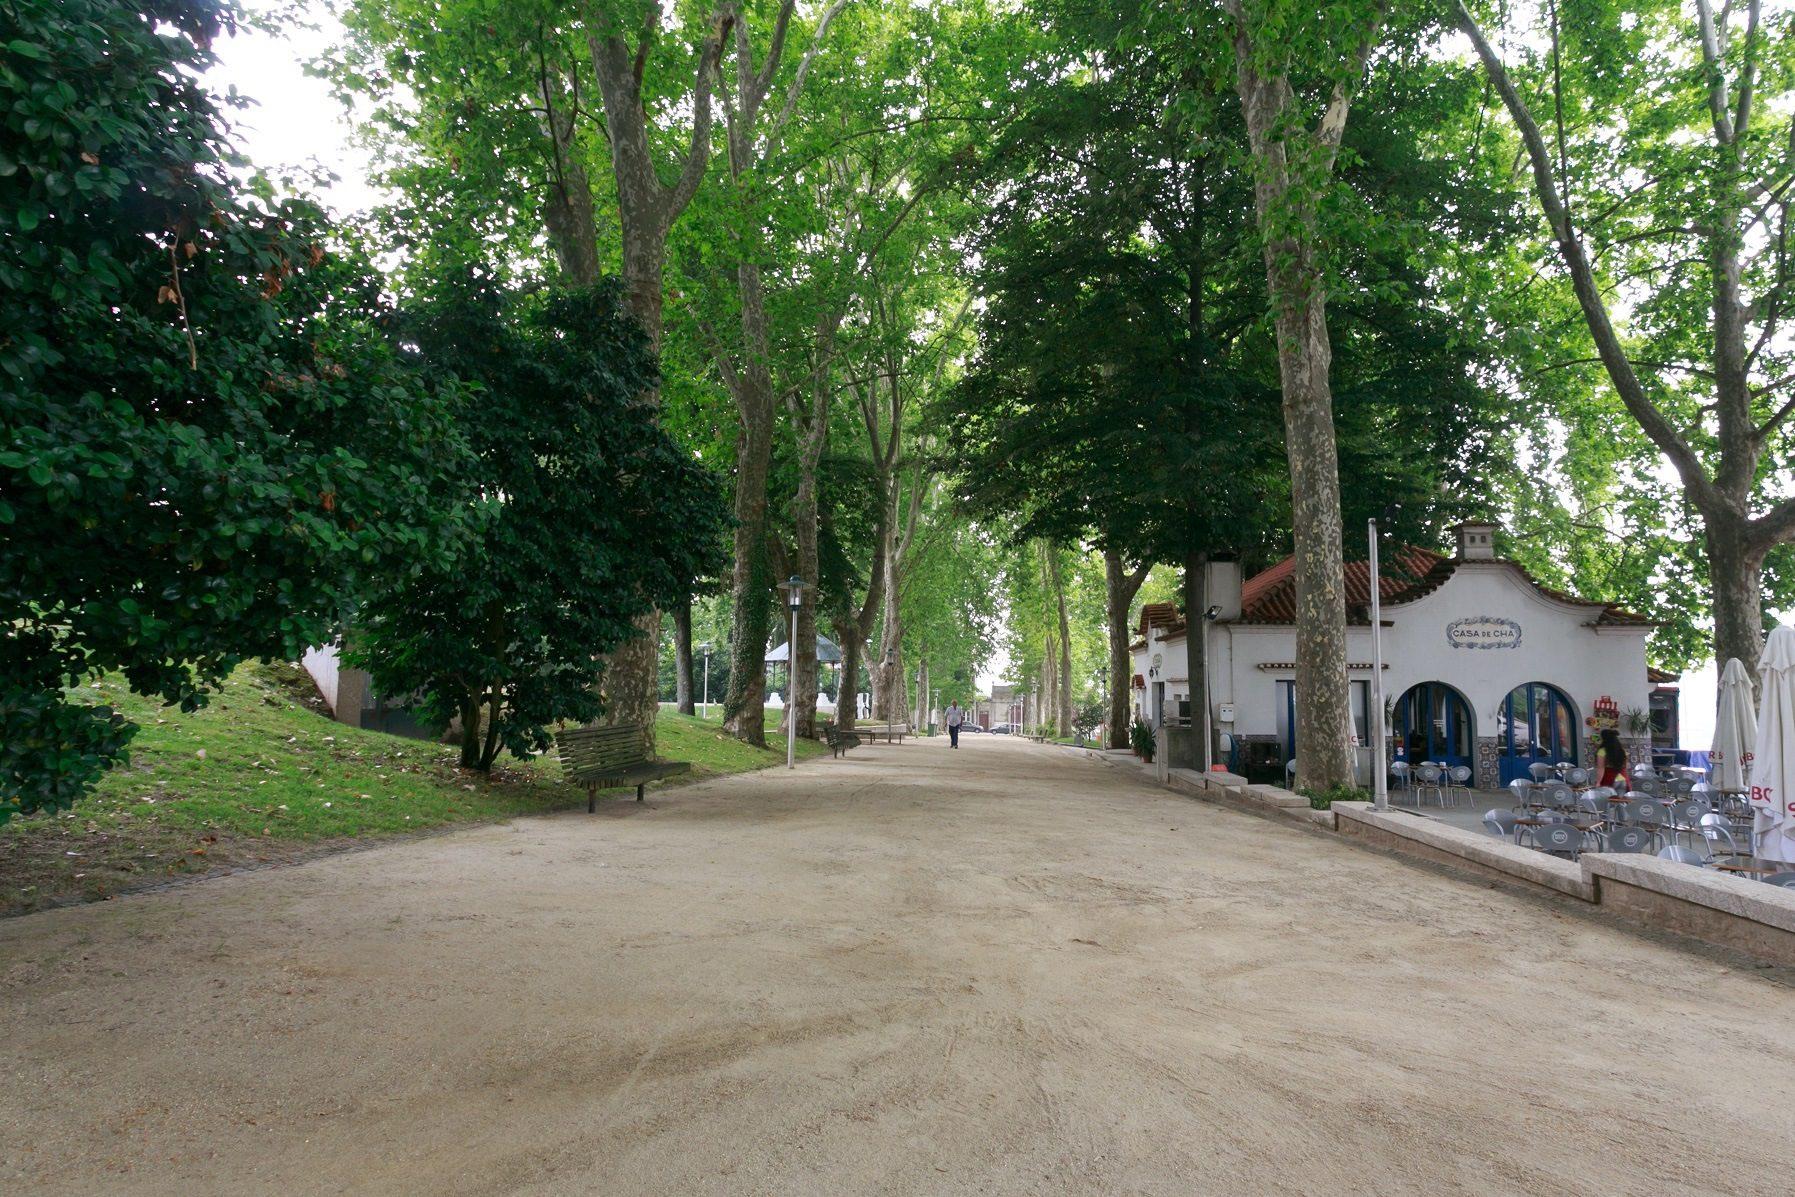 bazar d'artes e ofícios vai realizar-se no parque dona maria ii